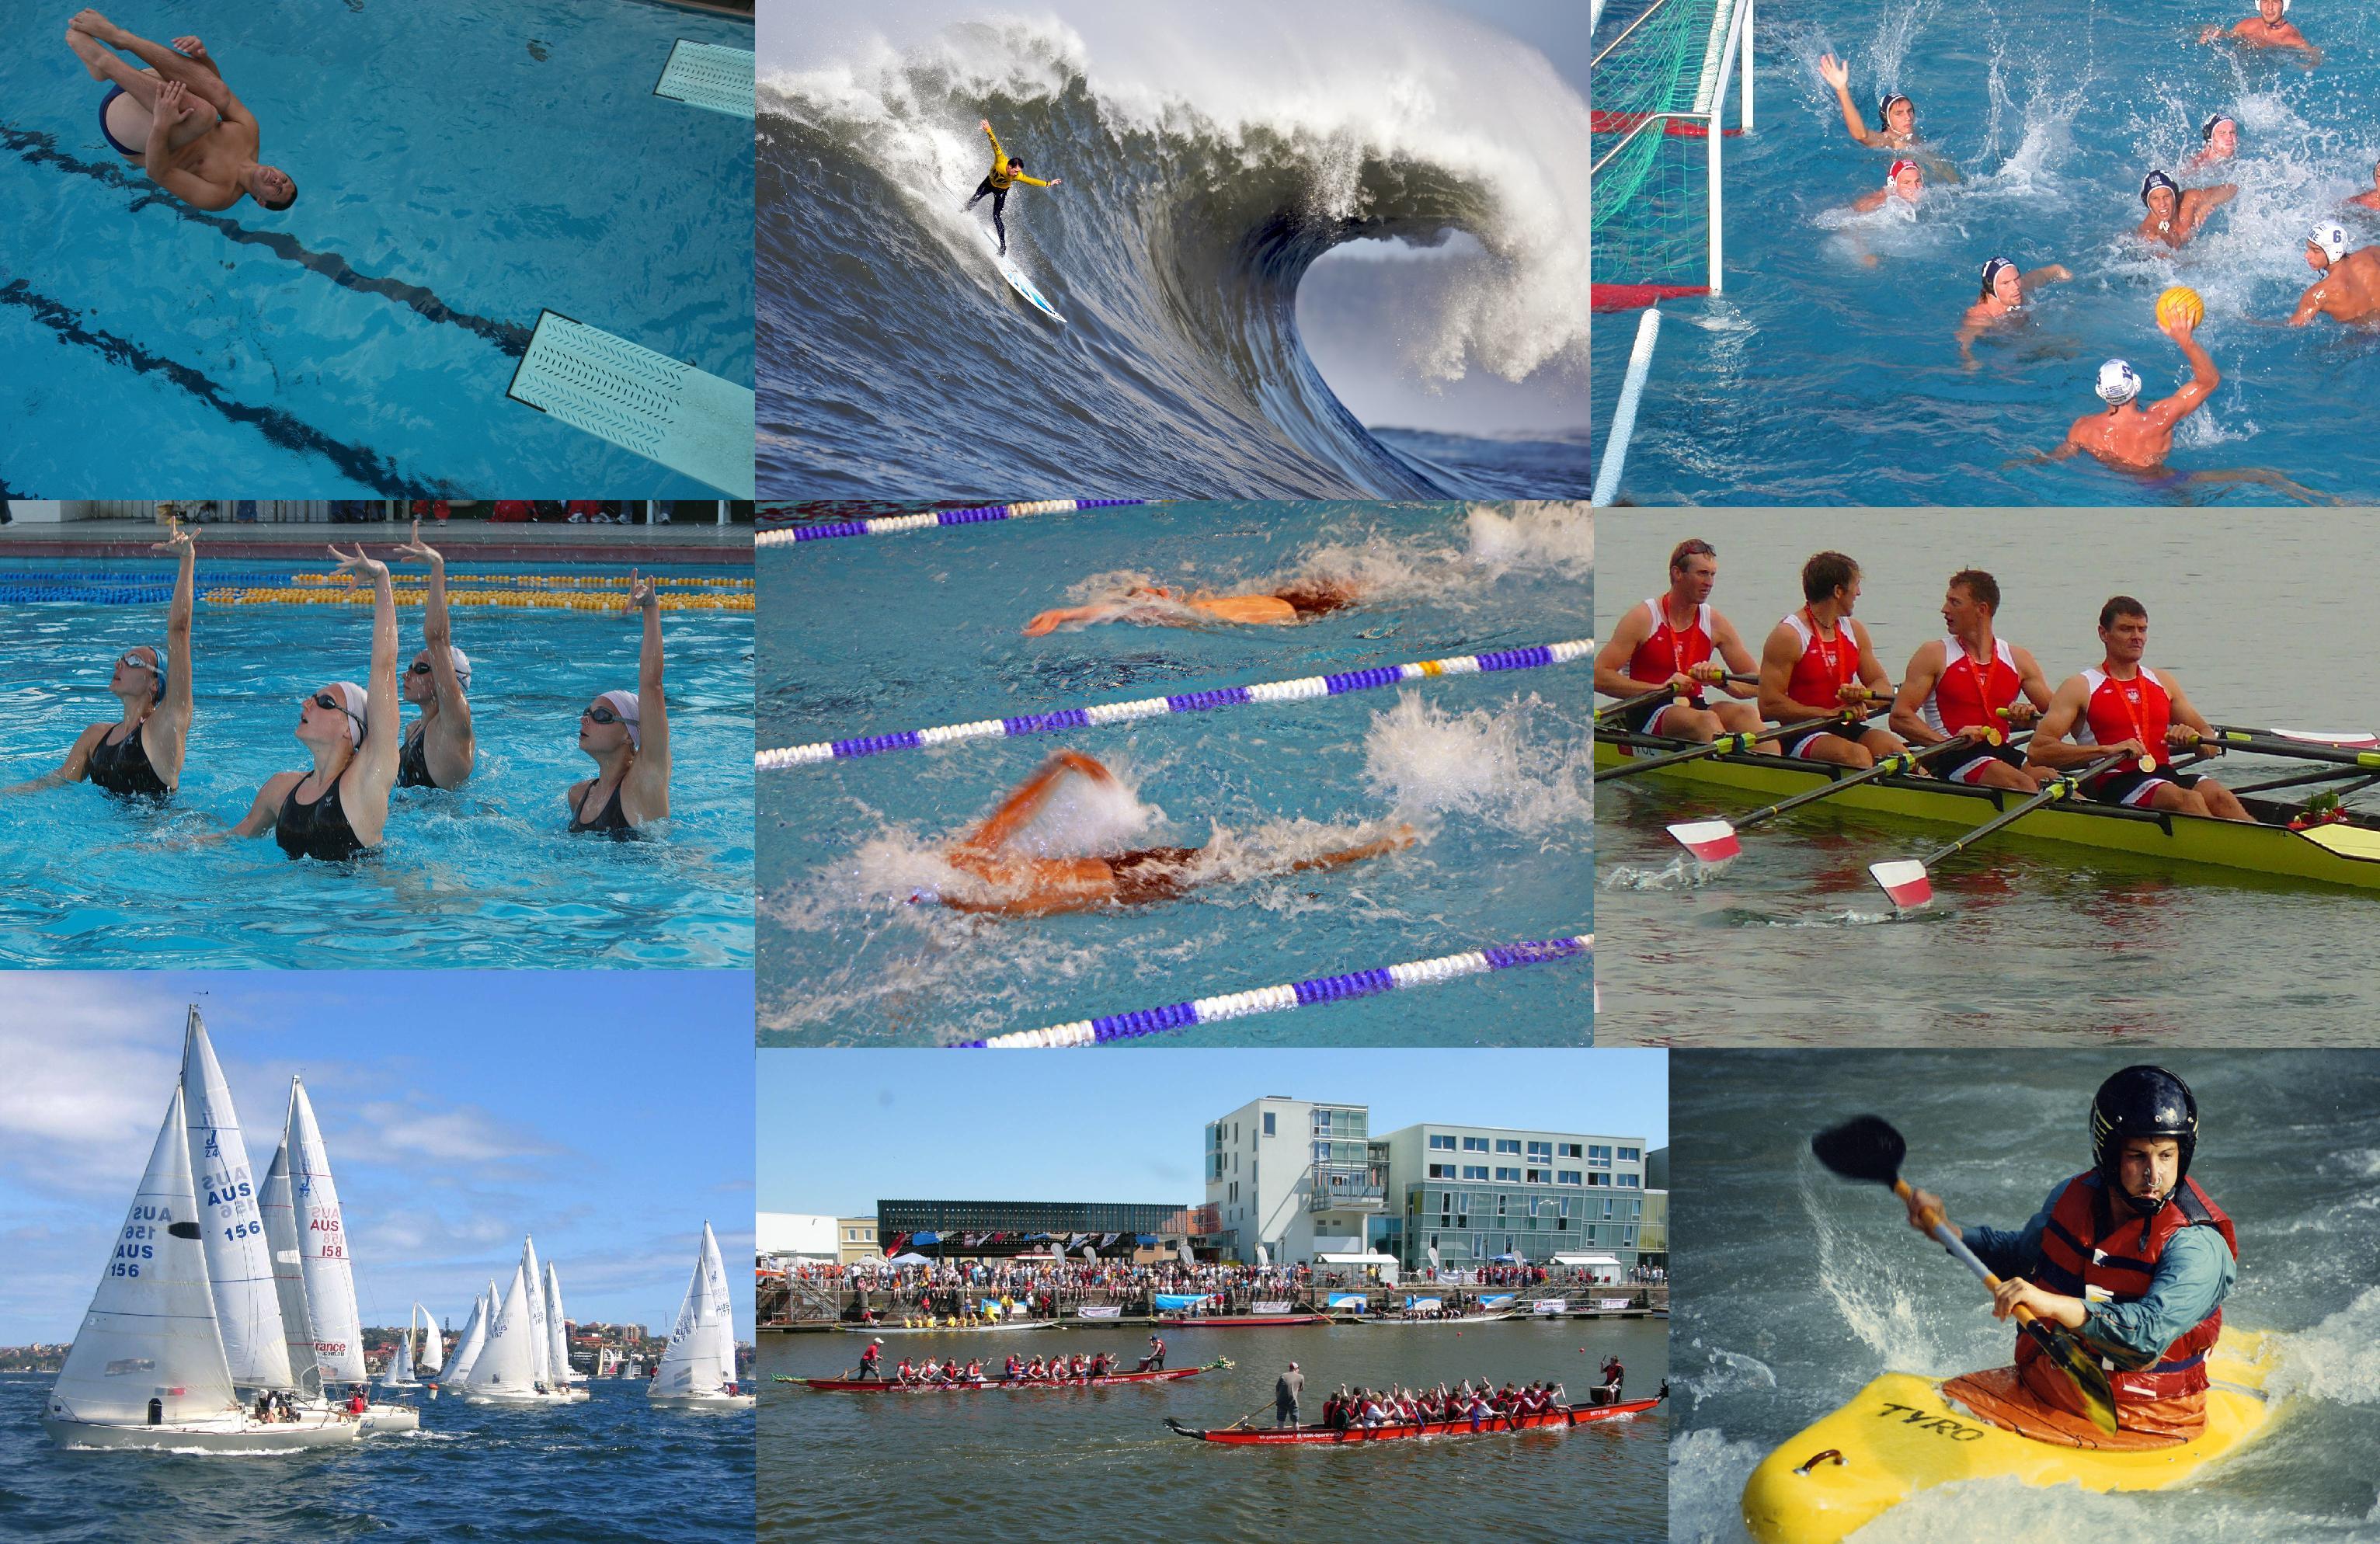 в каком году будет следущая олимпиада в сочи